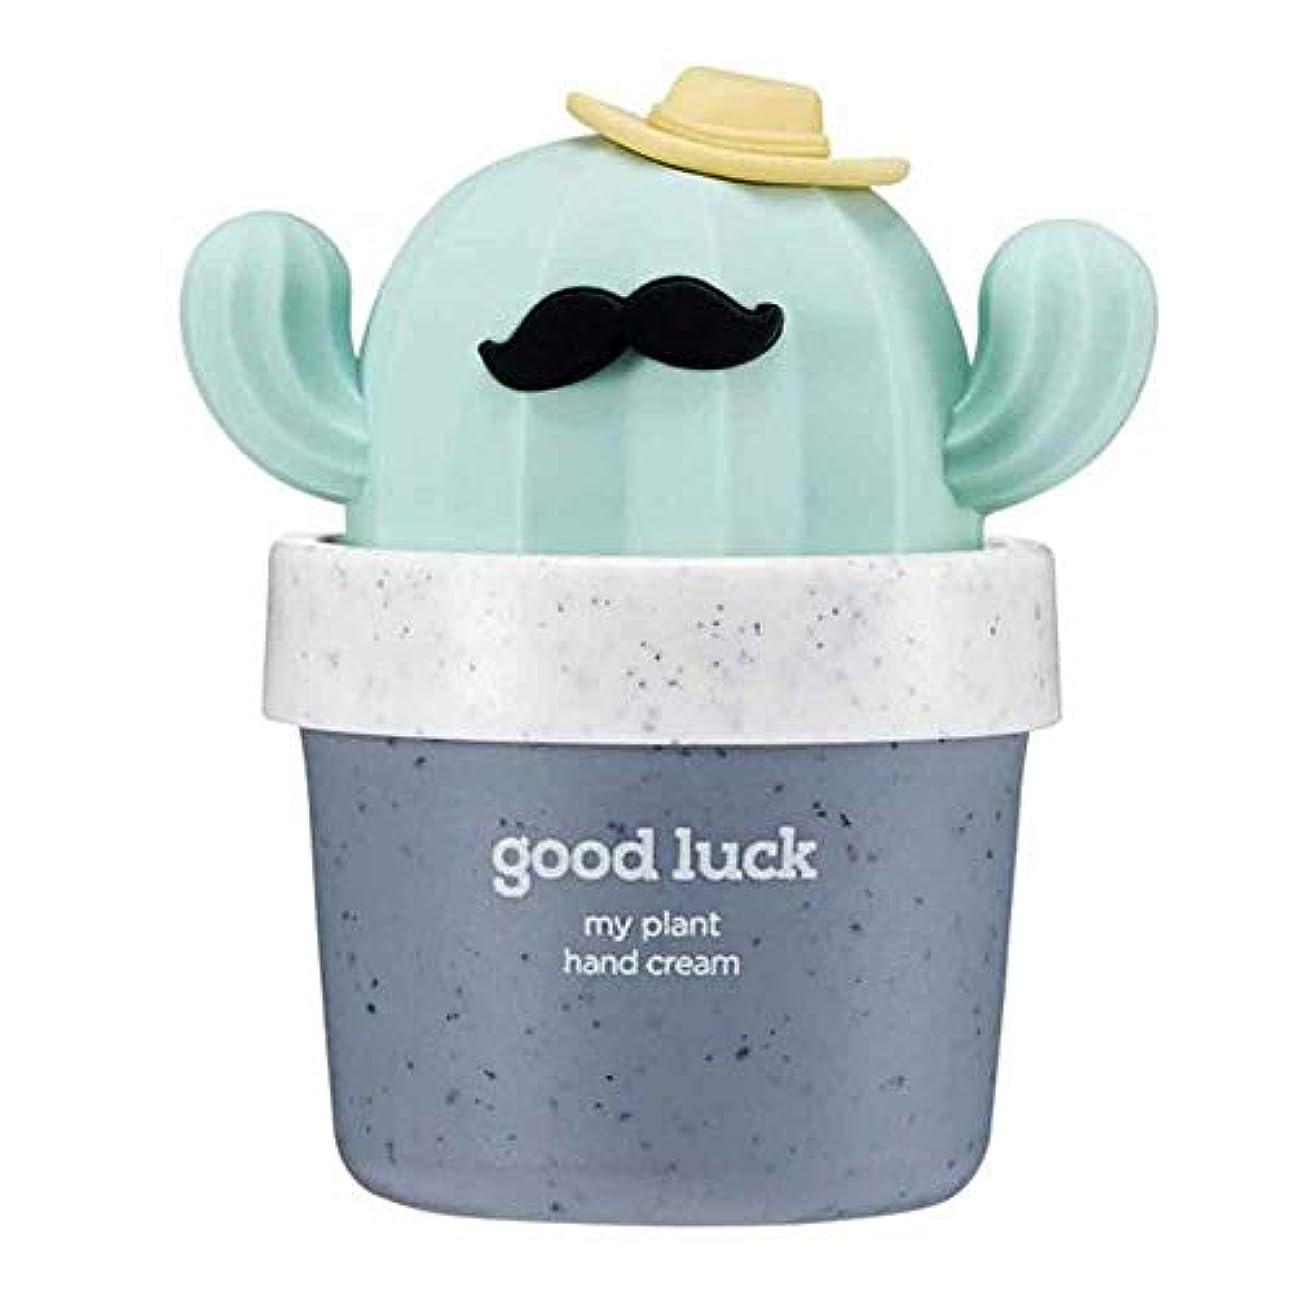 気味の悪い悲しいことに黙認する[THE FACE SHOP] ザフェイスショップ ミニサボテン 鉢植えハンドクリーム #01 Good Luck 30ml